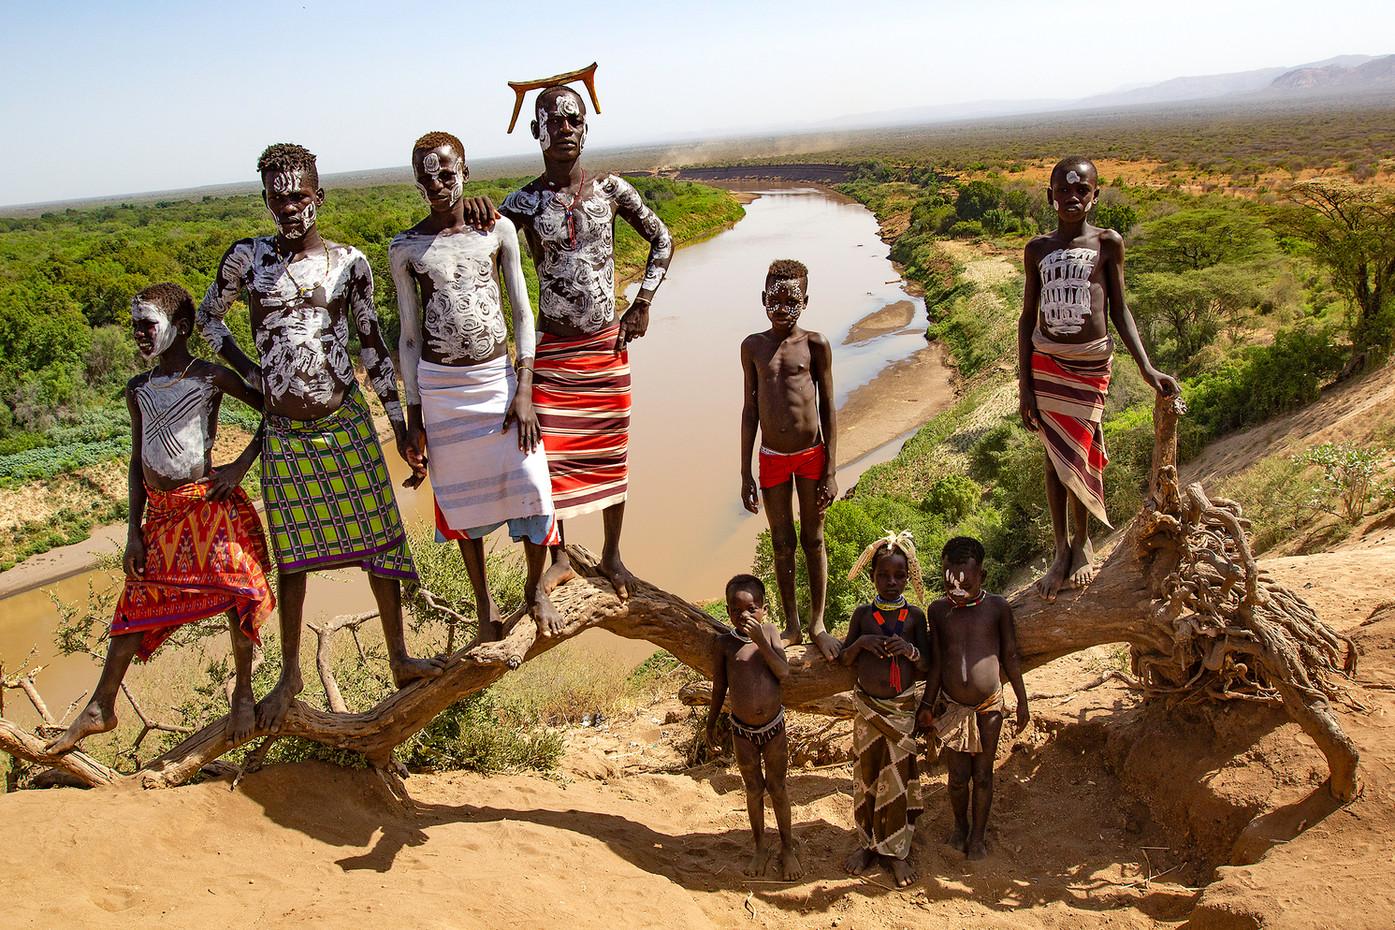 Karo children on the Omo River, Ethiopia